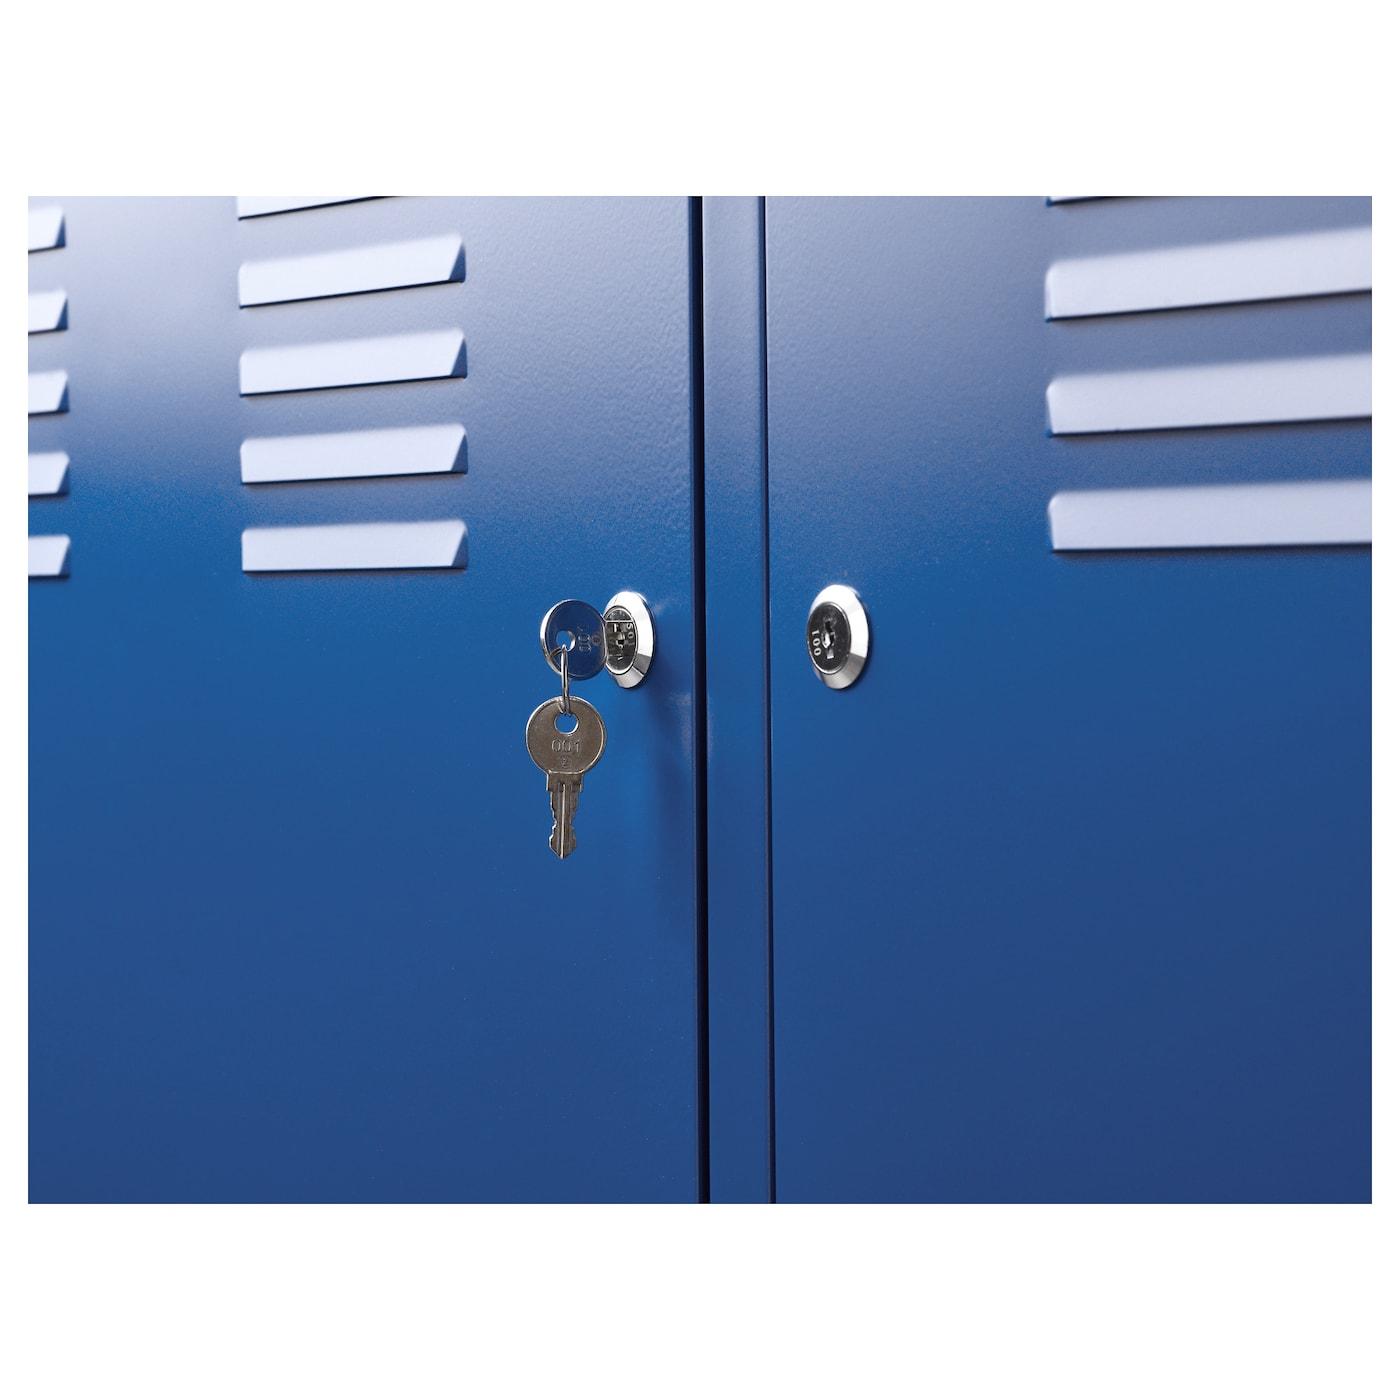 ikea ps skåp plåt ~ ikea ps cabinet blue 119×63 cm  ikea